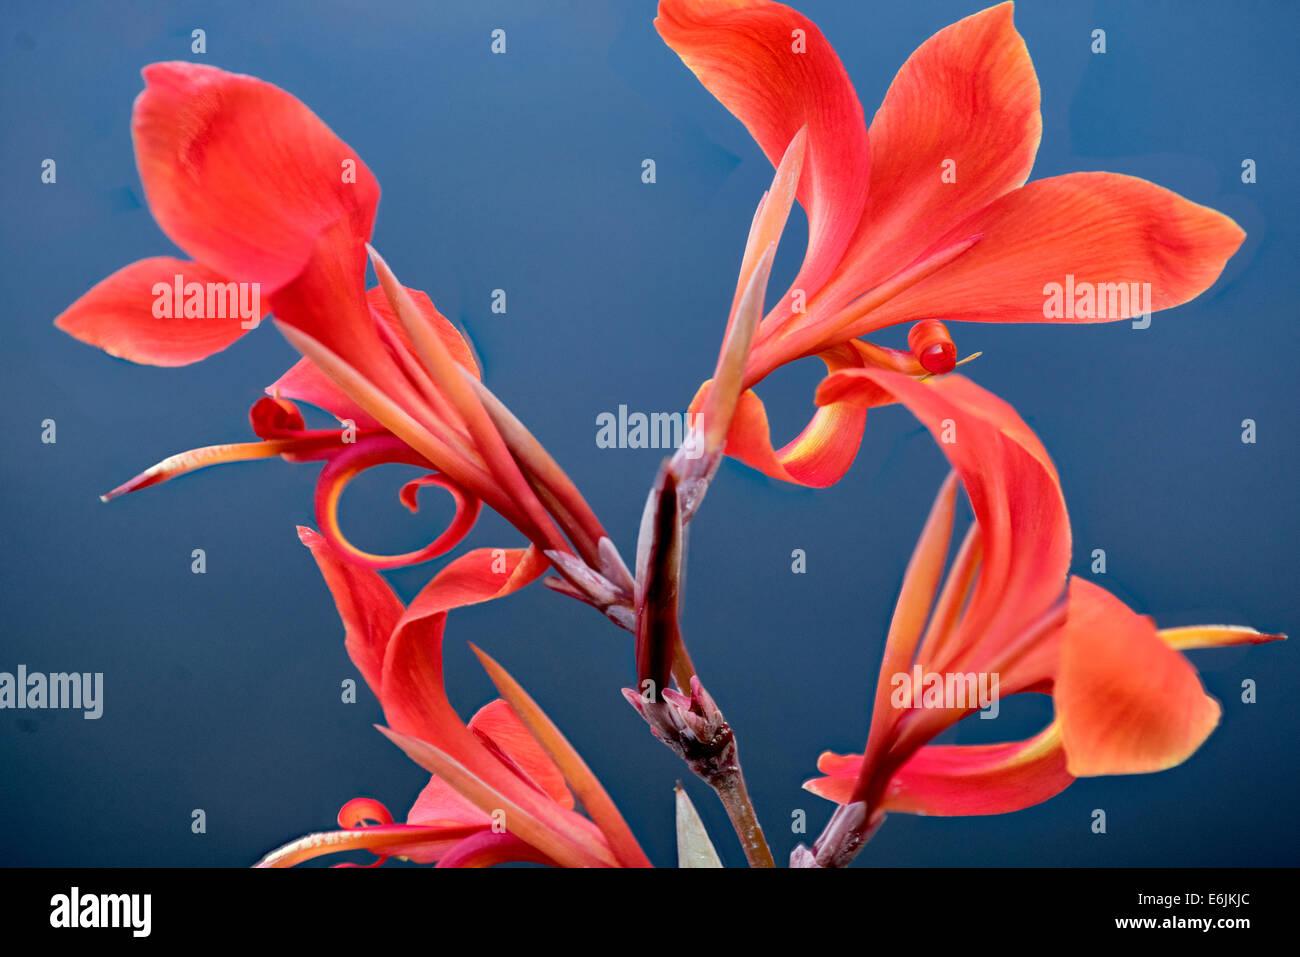 Cierre de Flor tropical. Lanai, Hawai Imagen De Stock